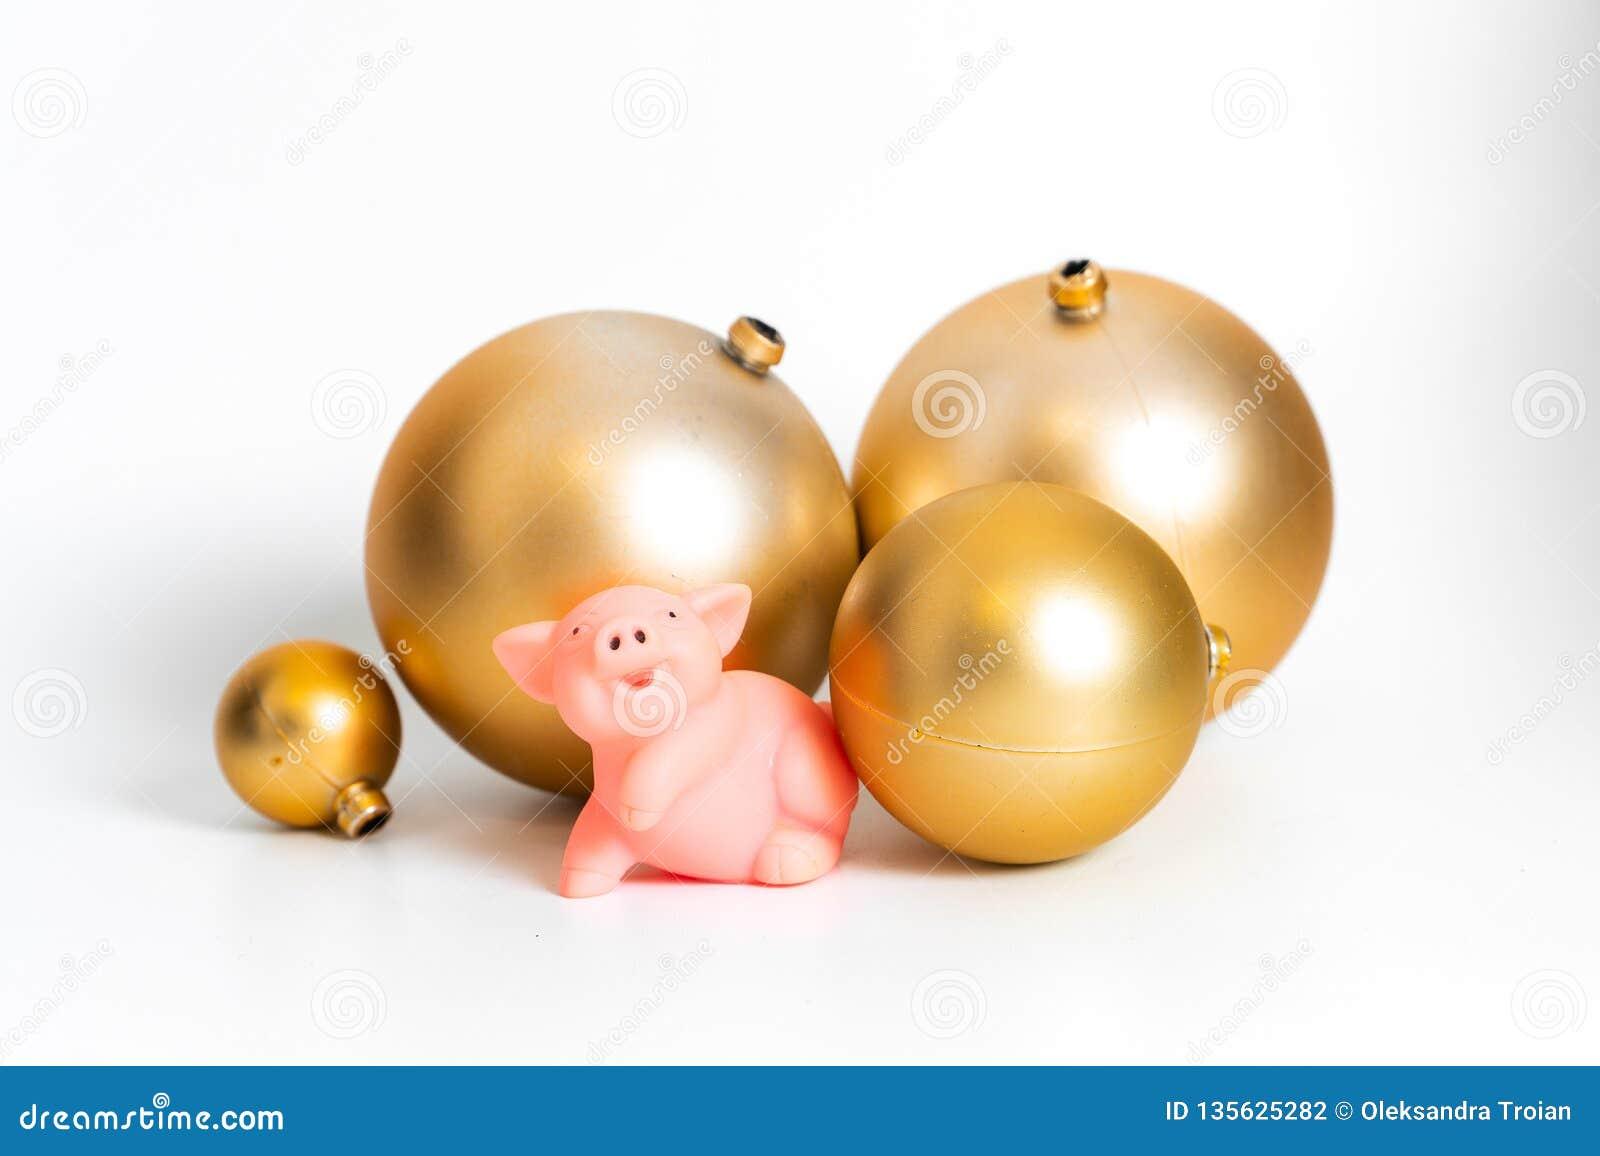 Calendário cultural tradicional chinês do zodíaco do símbolo do ano novo do porco dourado das bolas isolado